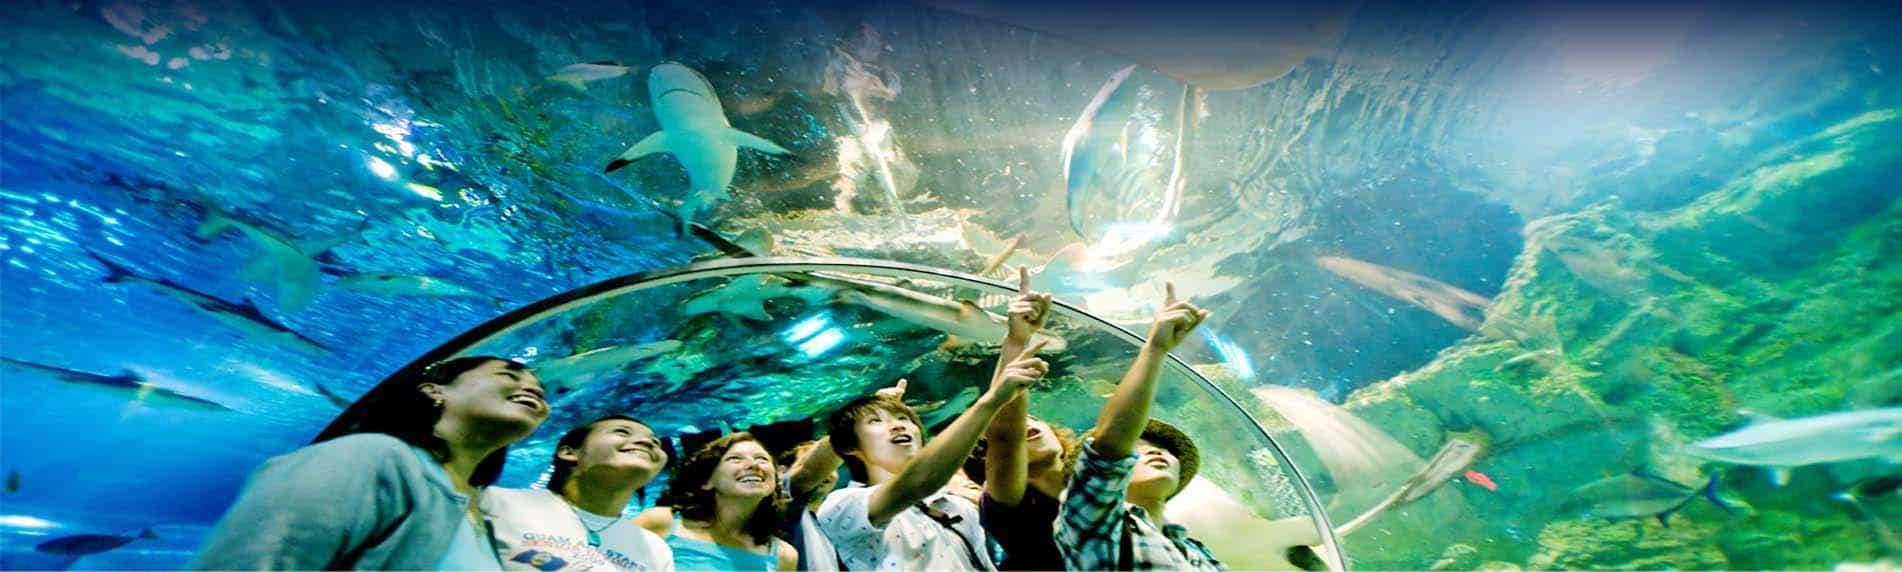 underwater world fun pattaya